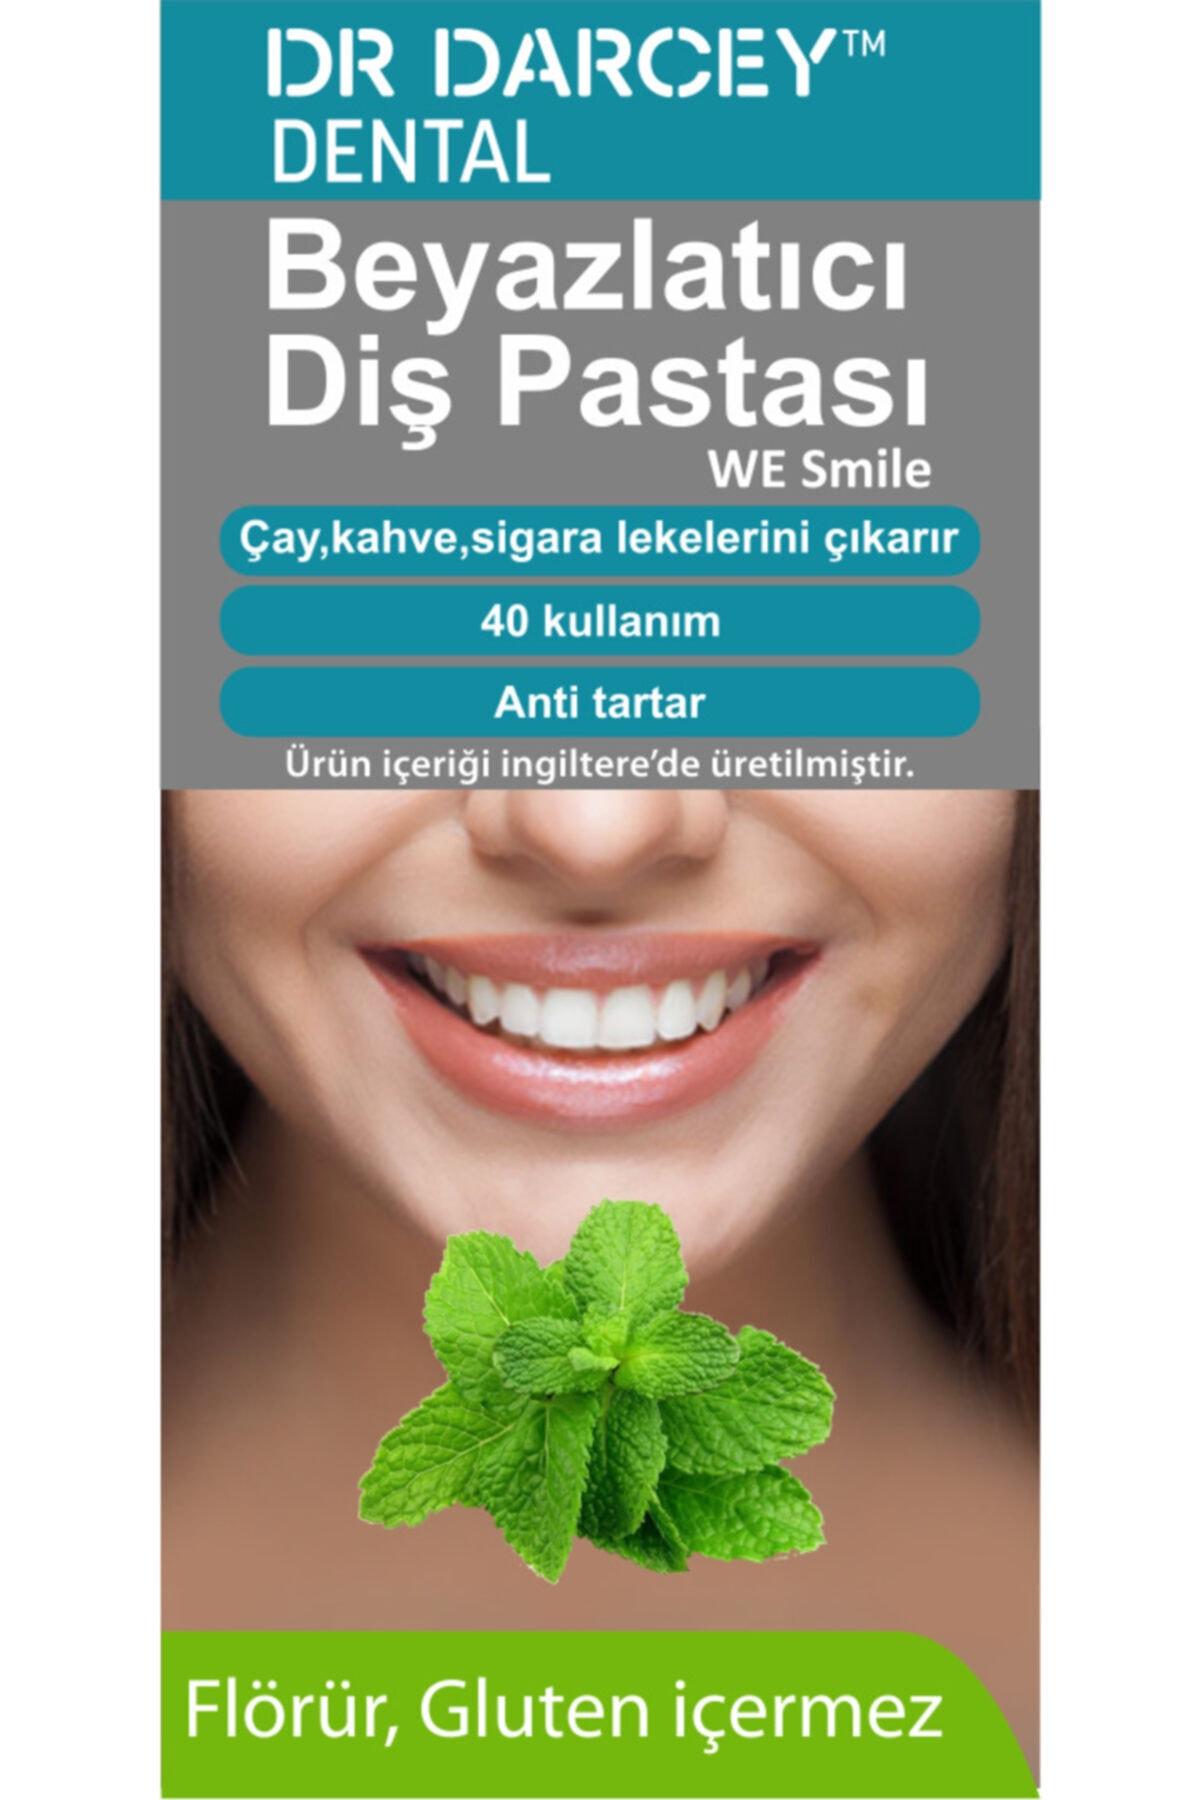 Dr Darcey Beyazlatıcı Diş Pastası 20g & Aktif Karbon Diş Temizleme Tozu 25 G 2